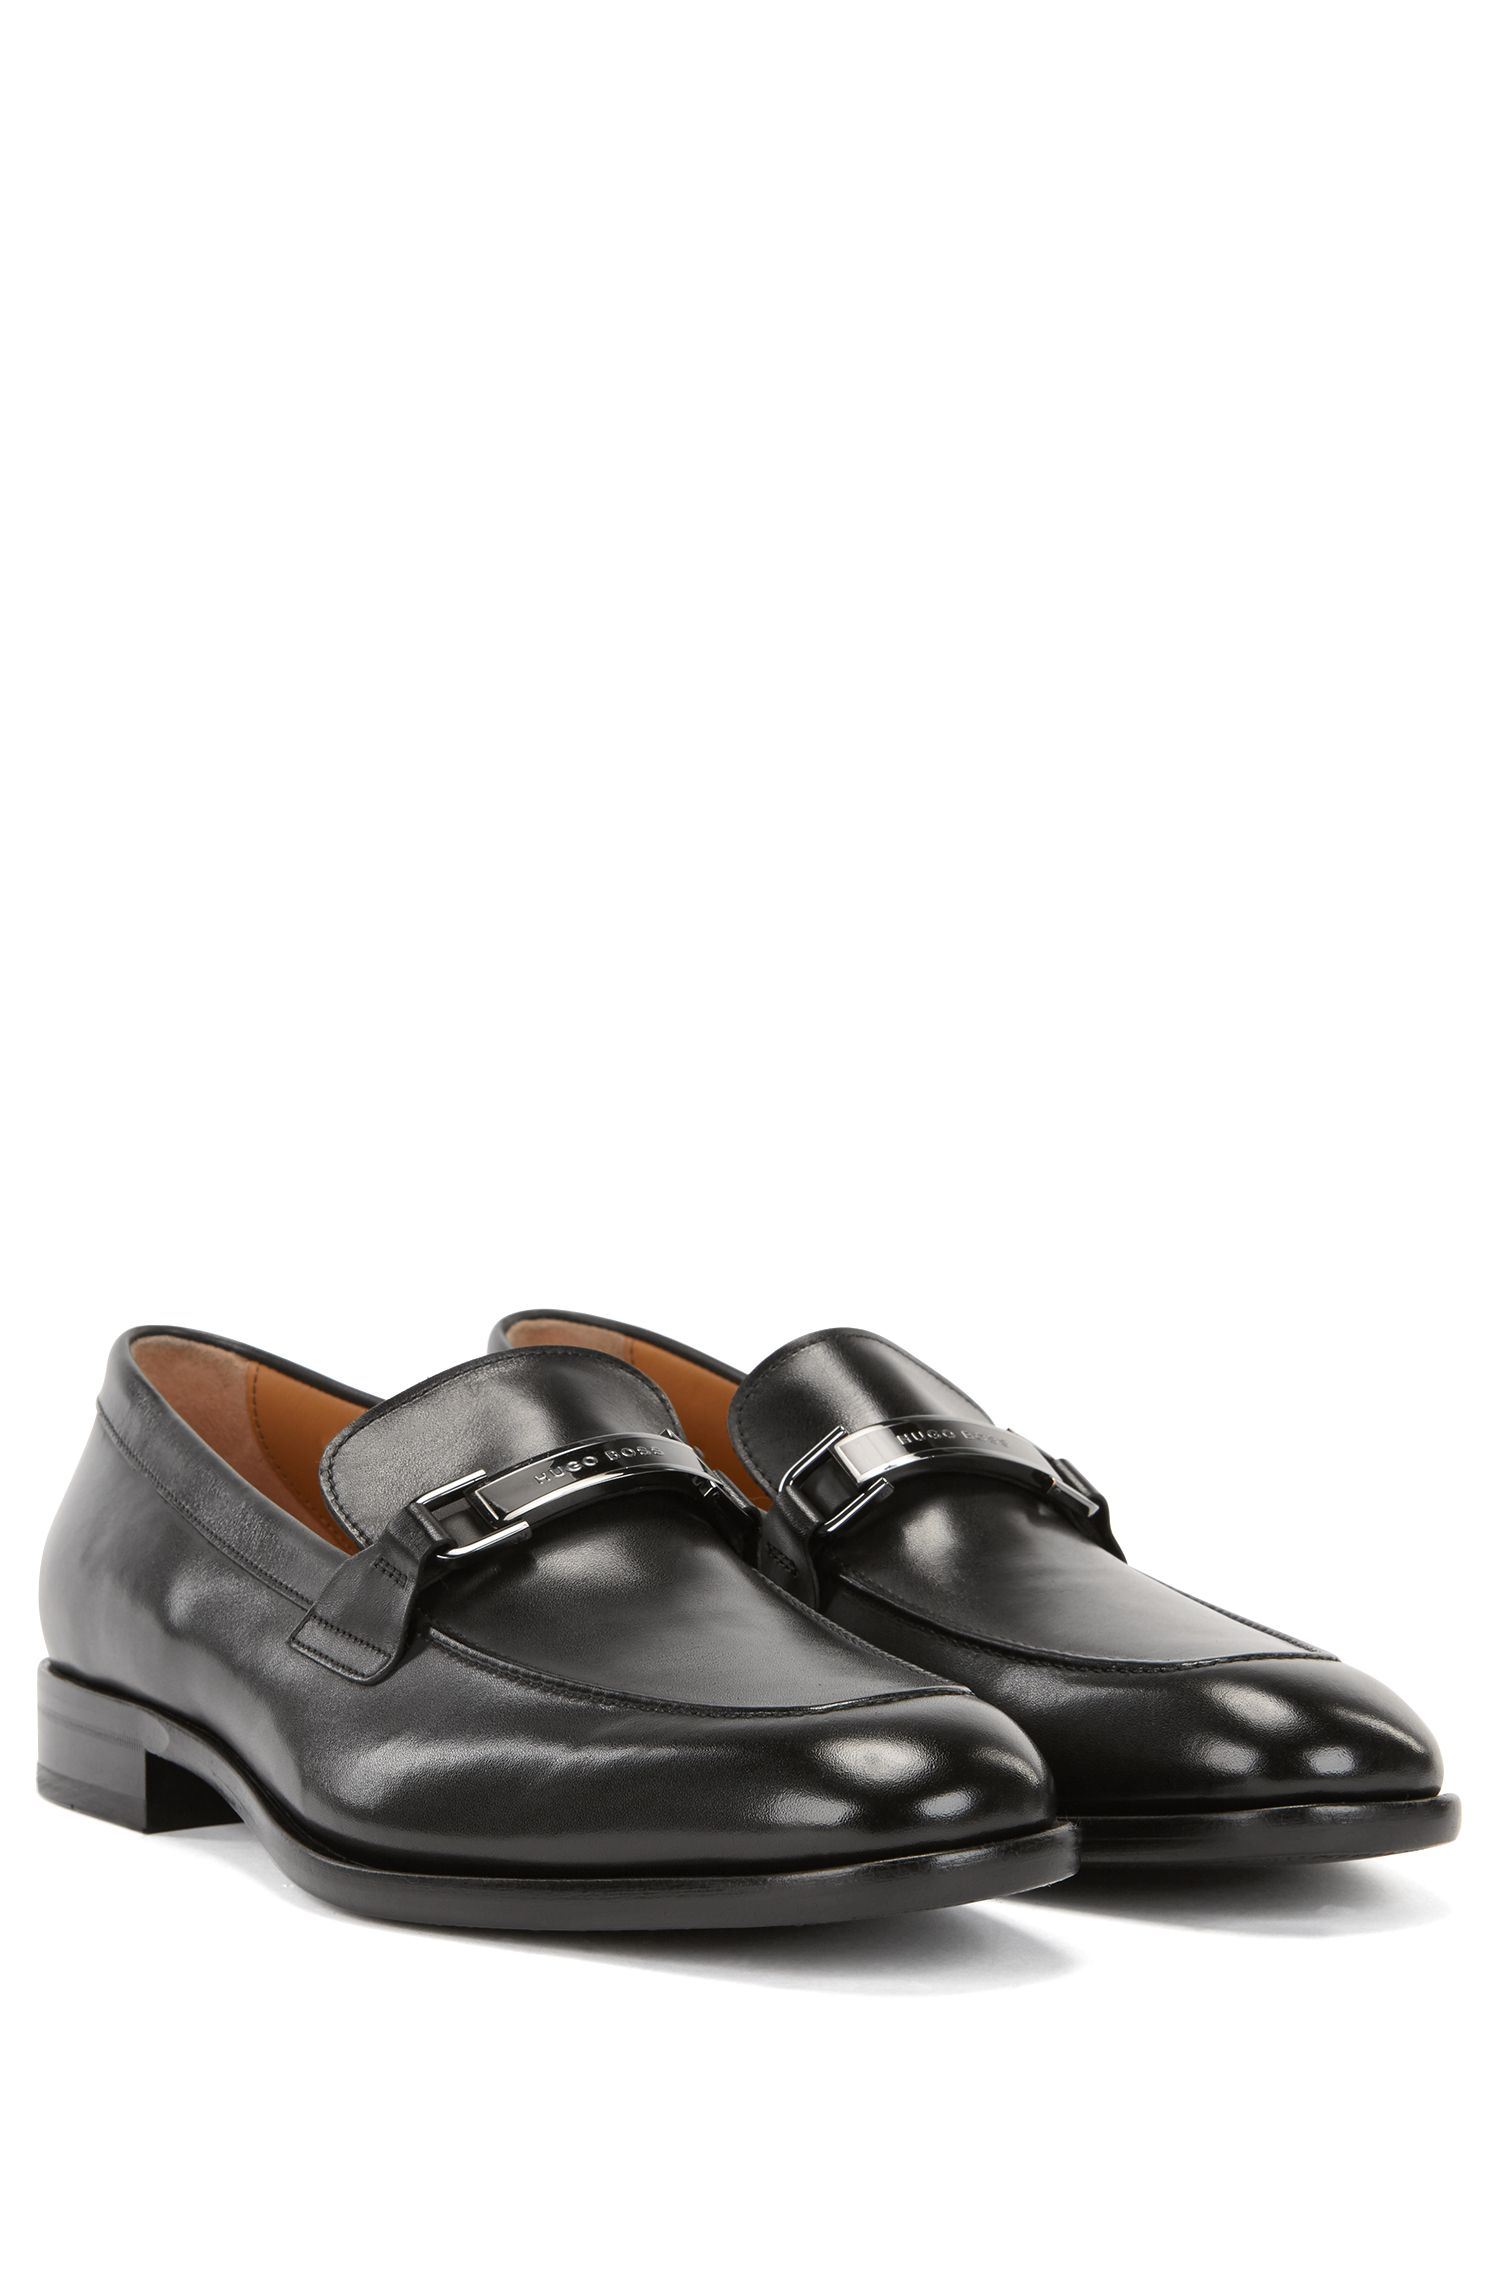 Leather Loafer | Bristol Loaf Hw